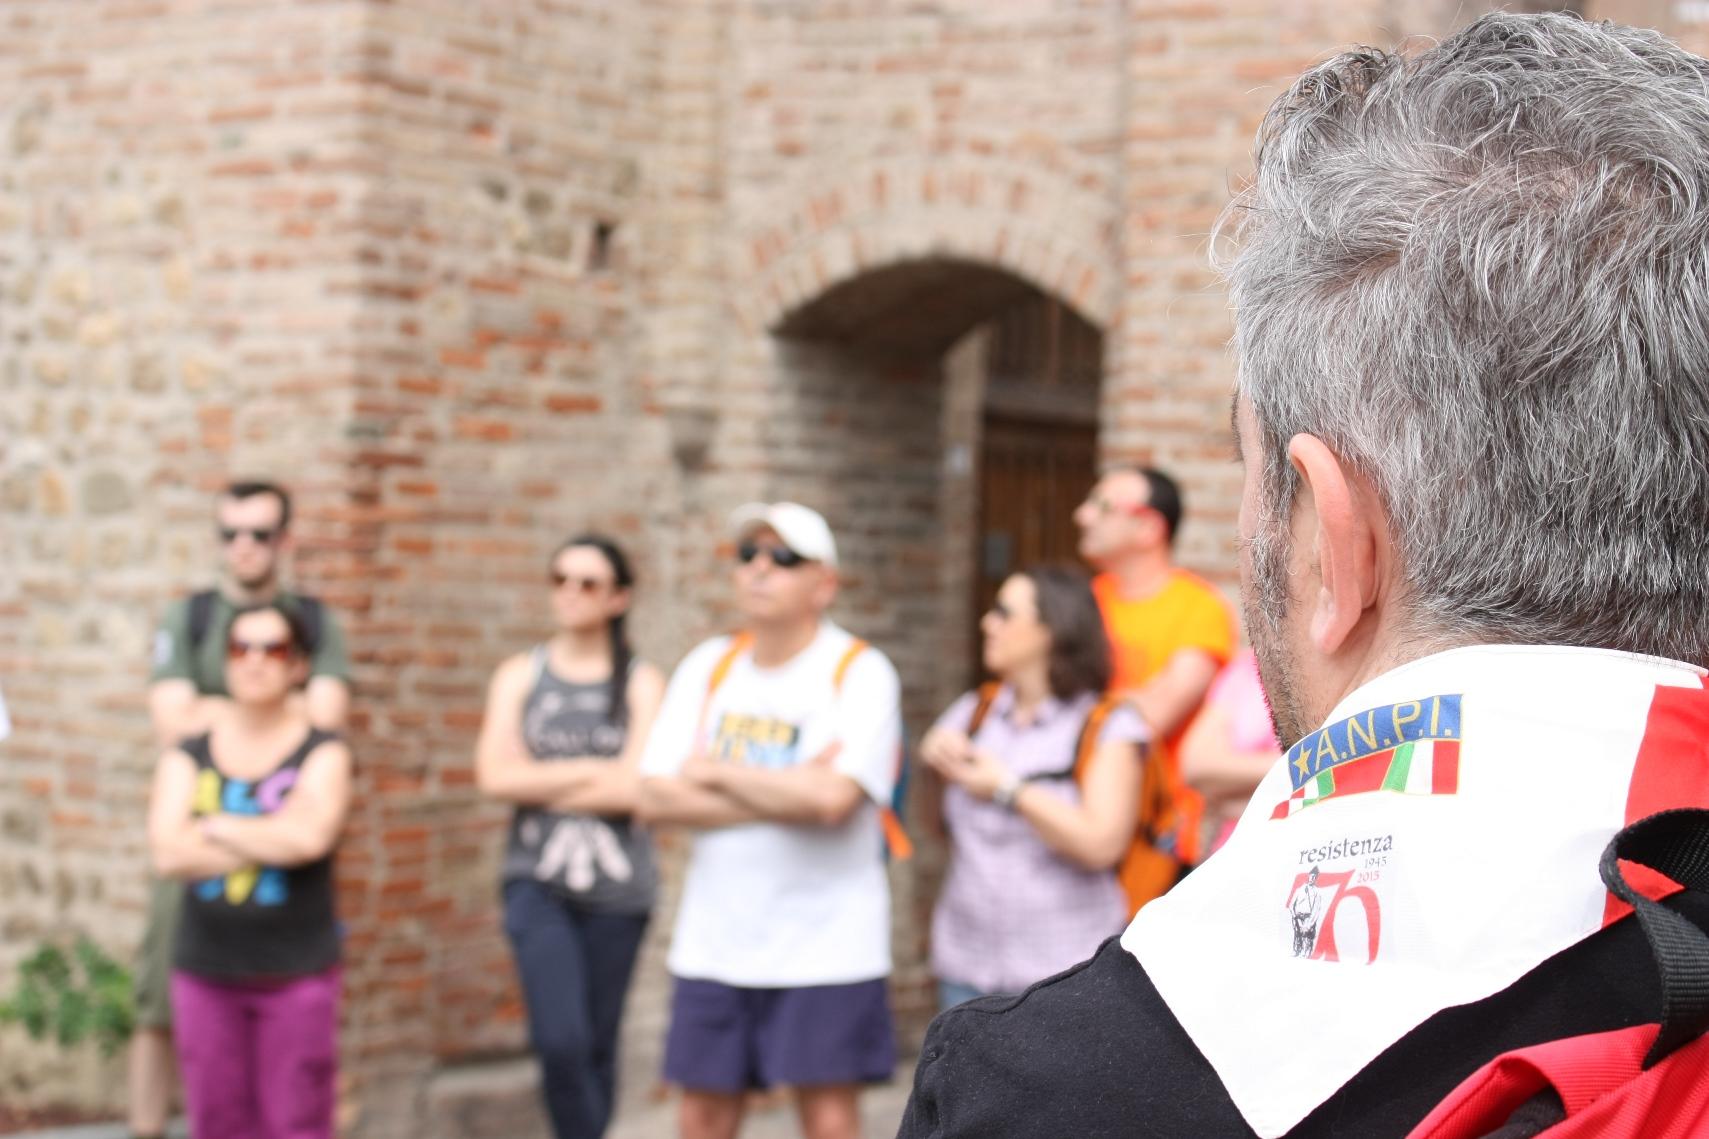 storia di Spilamberto: Un momento del trekking storico Sentieri di memoria, correnti di Resistenza, organizzato da Unione Resiste nel giugno 2016